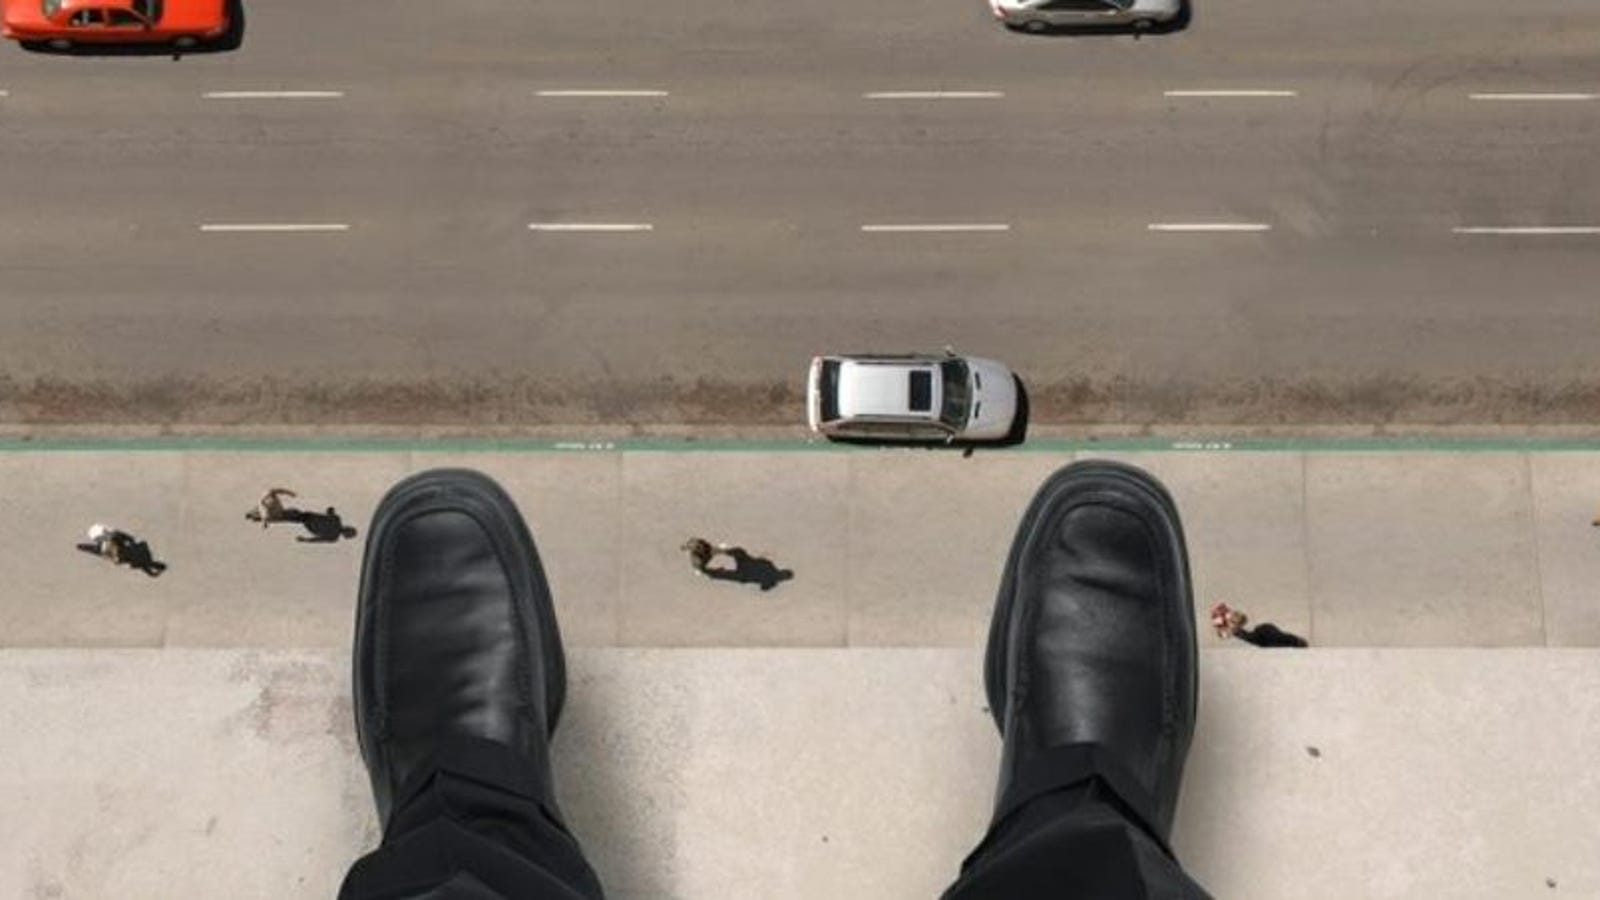 El salto imposible de Ronald Opus, el suicida que se lanzó por una ventana y aterrizó con una bala en la cabeza